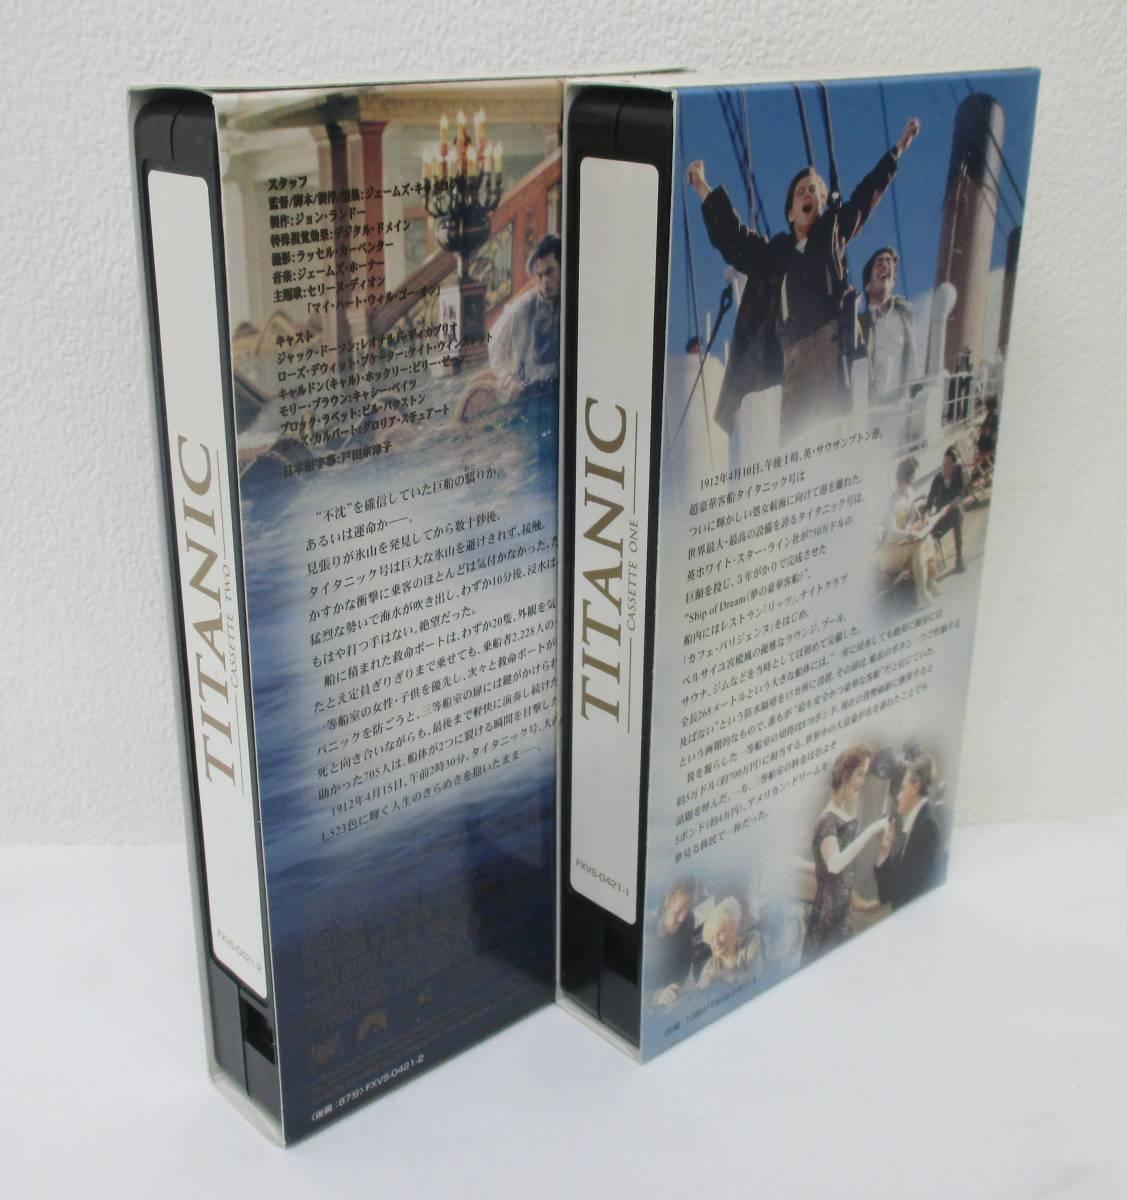 映画 【TITANIC】 タイタニック 全編 後編 2本組 VHS ビデオテープ レオナルド・ディカプリオ_画像2